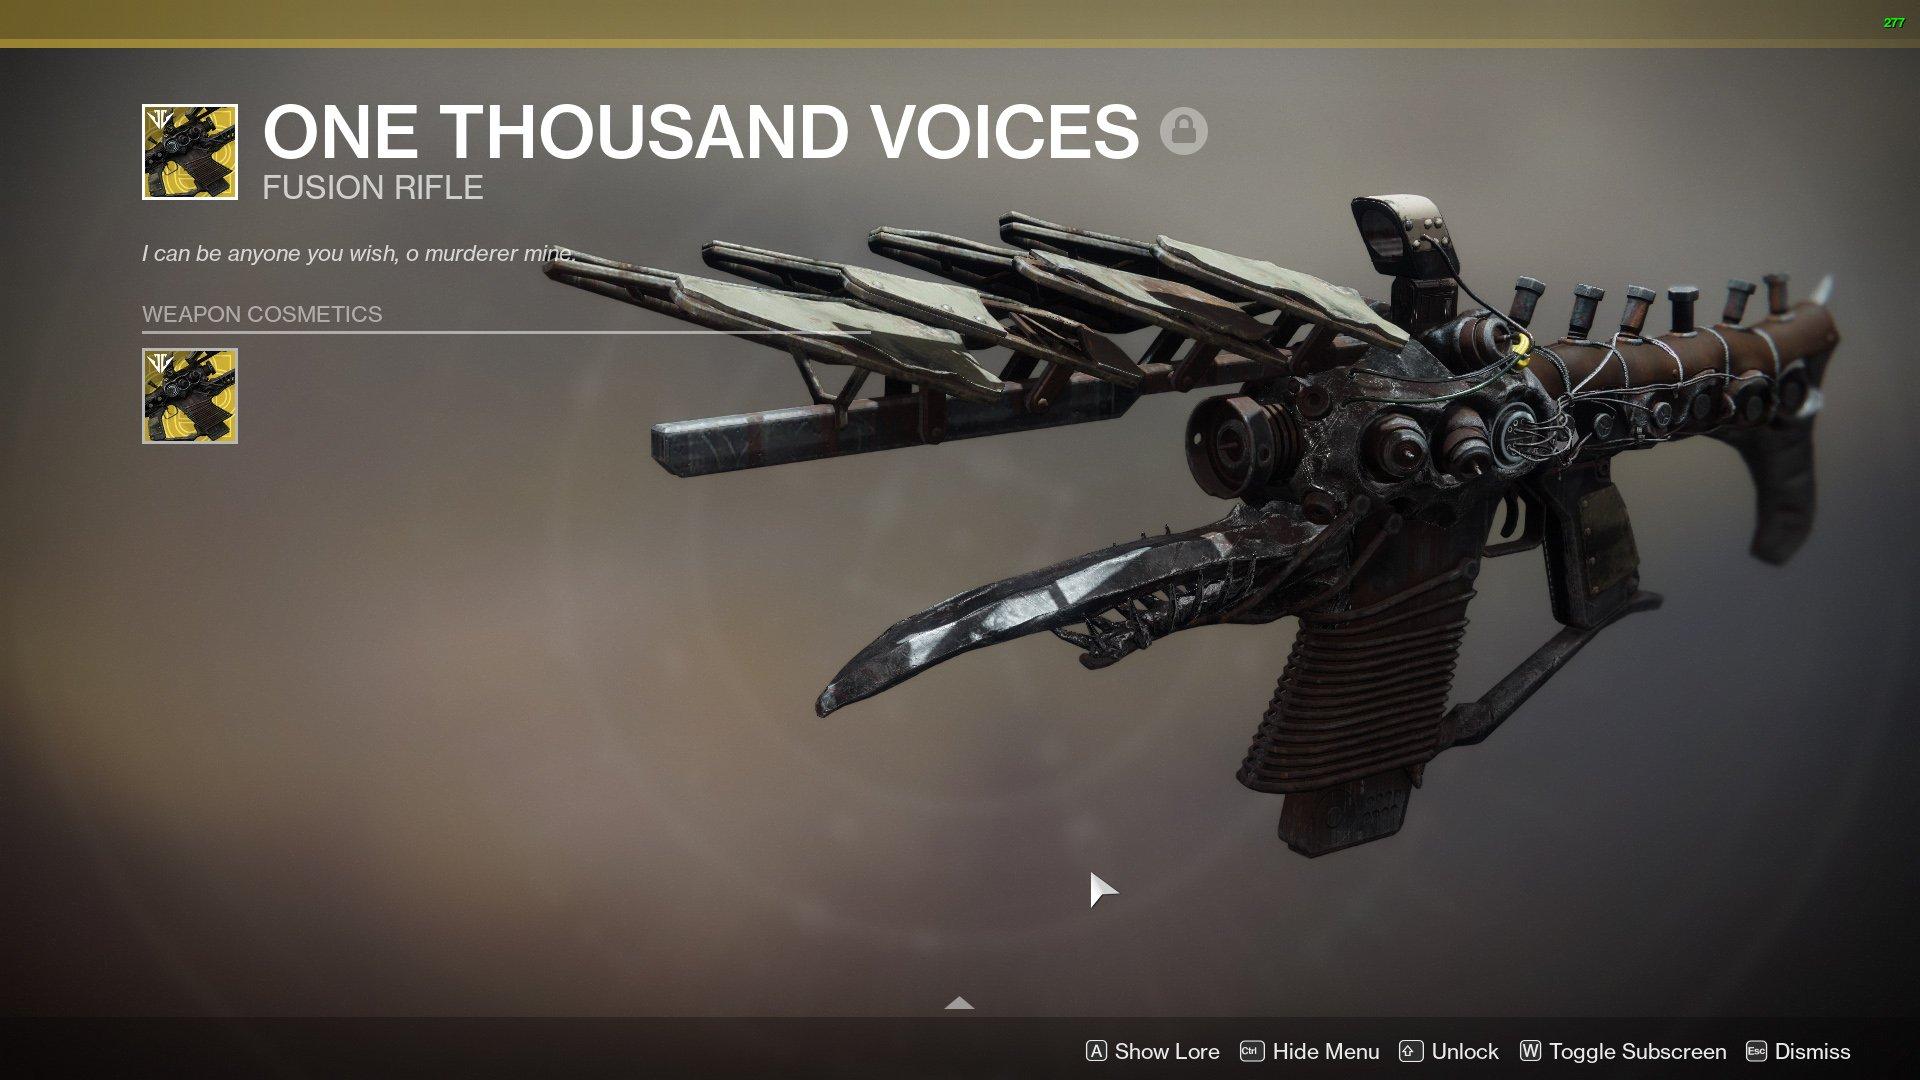 Тысяча Голосов Украшение Одна Ужасная Кричать Судьба 2